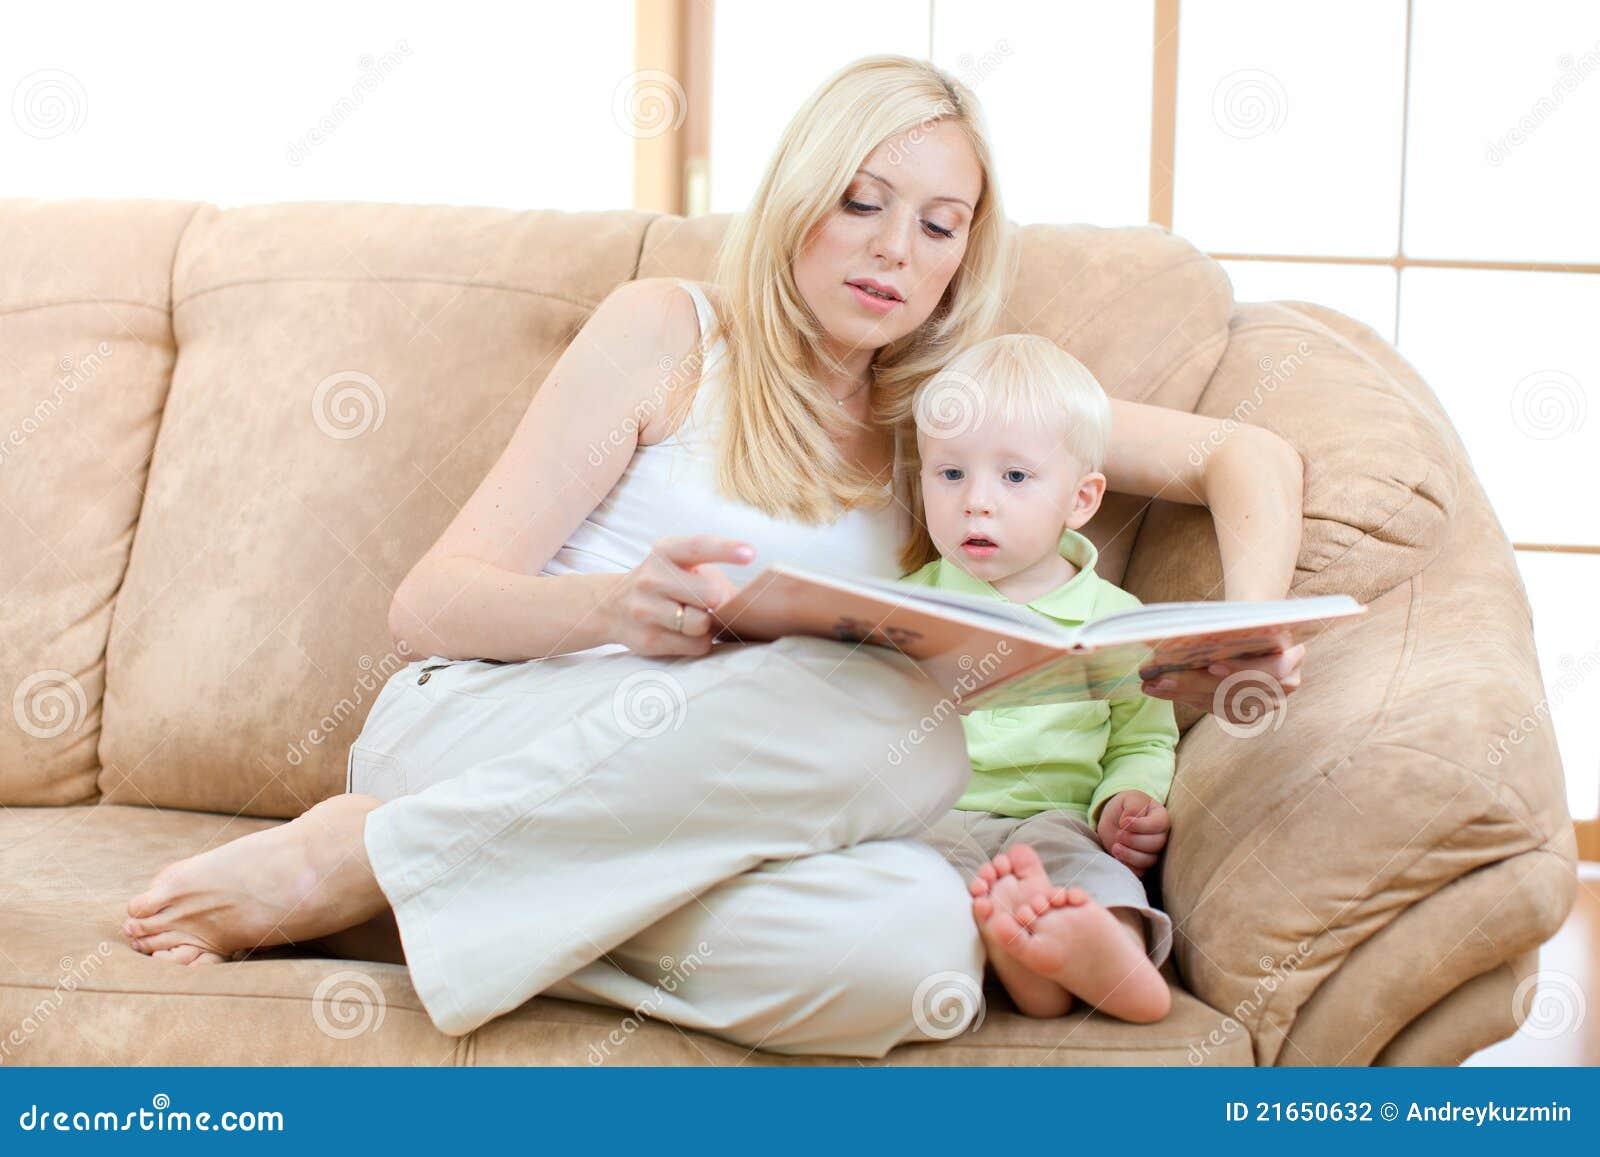 Сын с мамой на диване 3 фотография